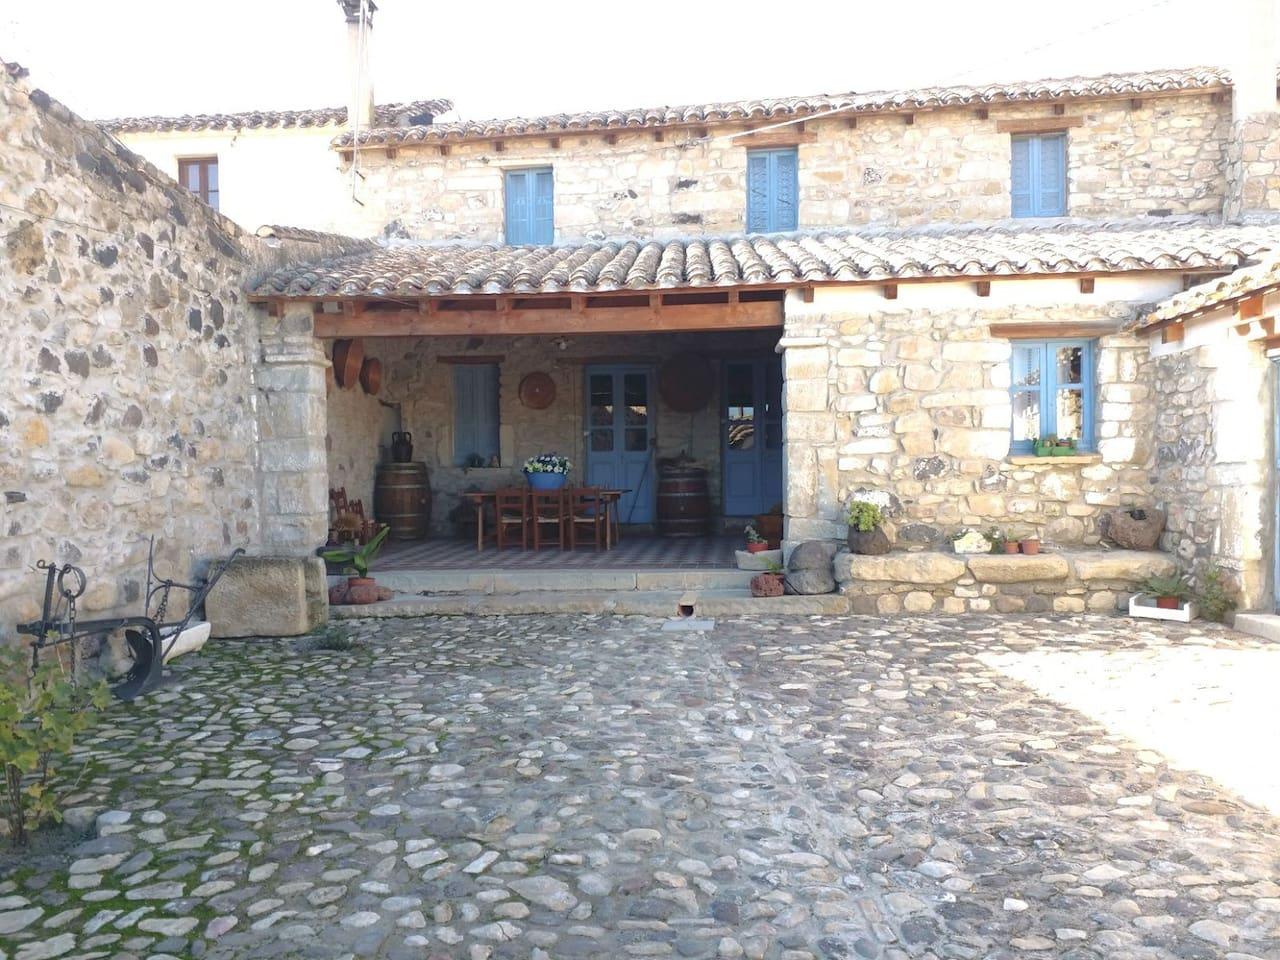 casa agricola del fine '700 inizi '800, situata nel centro storico del paese, ricca di storia, profumi, sapori, tradizioni del passato.